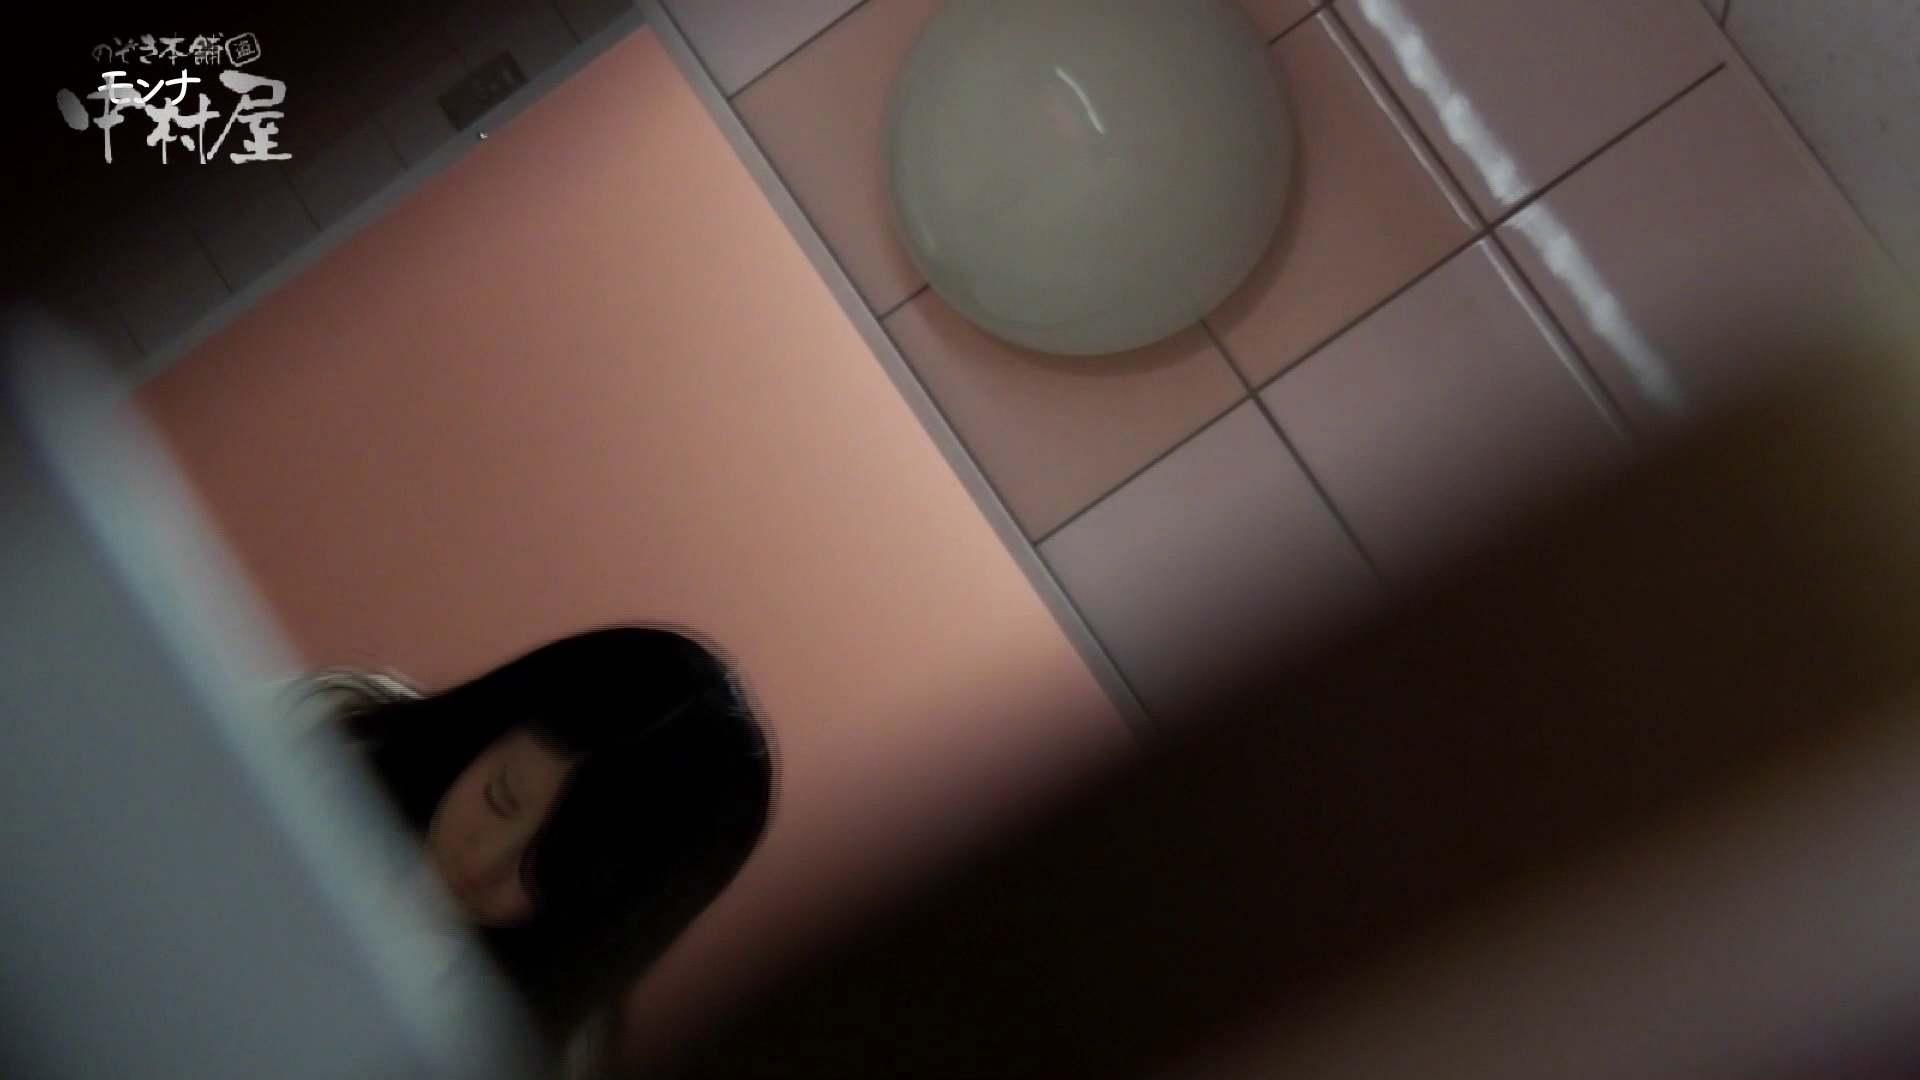 美しい日本の未来 No.44 感動作2前編 女性トイレ | エッチな盗撮  112pic 53